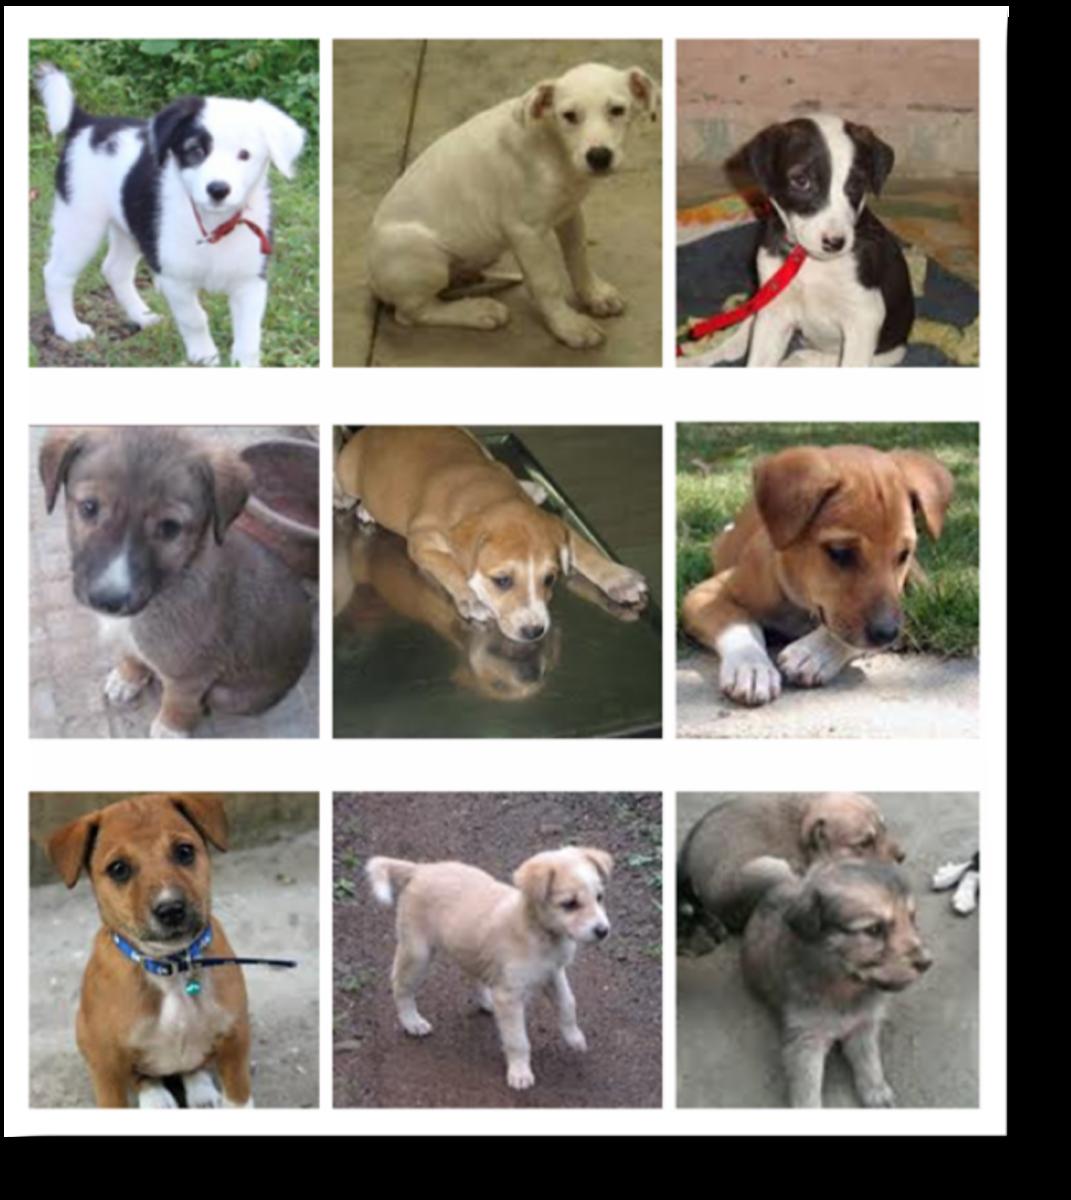 Indian Desi Pariah Puppies (Advertised Online To Adoption)